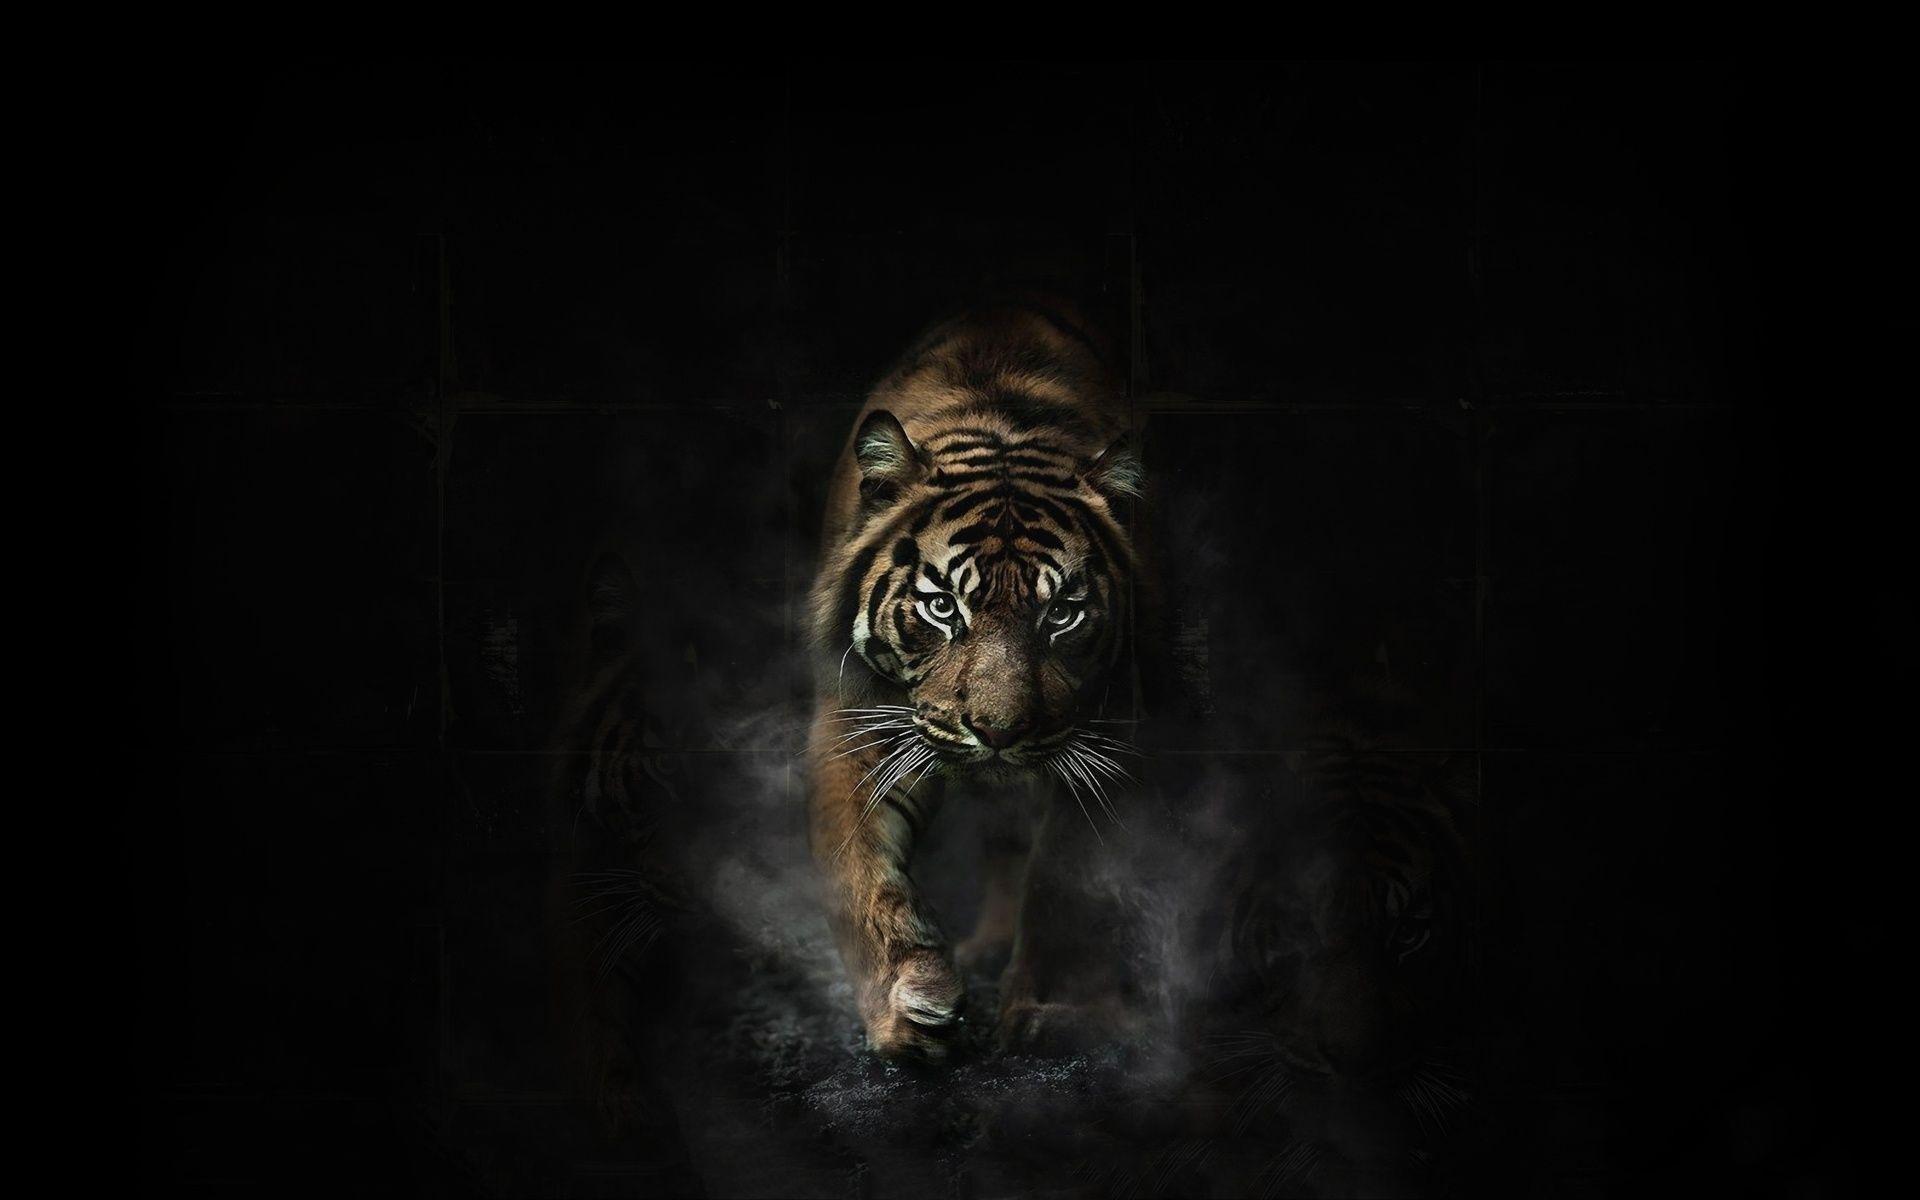 поздравления днем темные картинки с тигром тесто